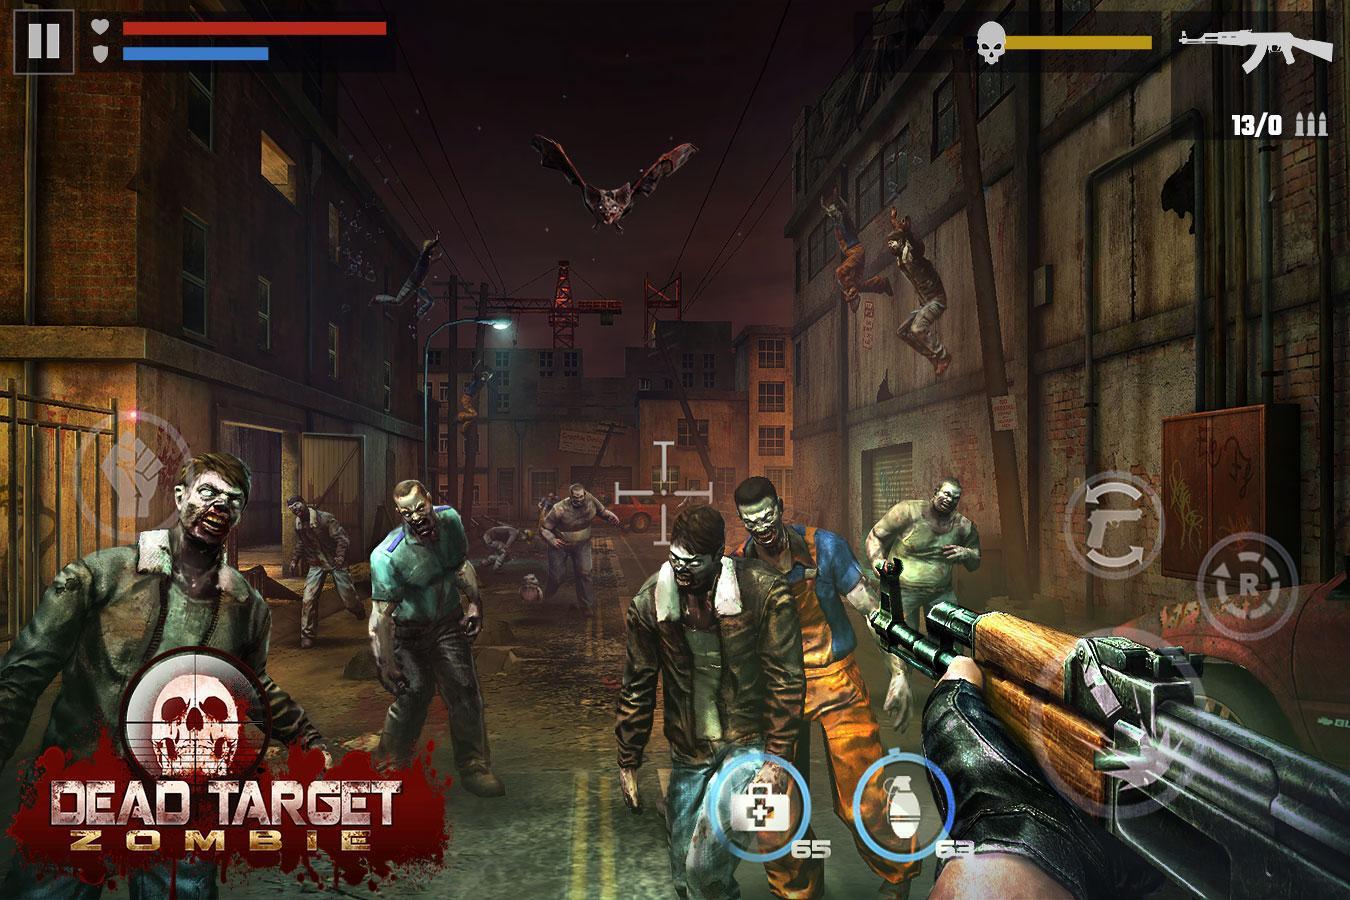 死目标:殭尸 游戏截图5